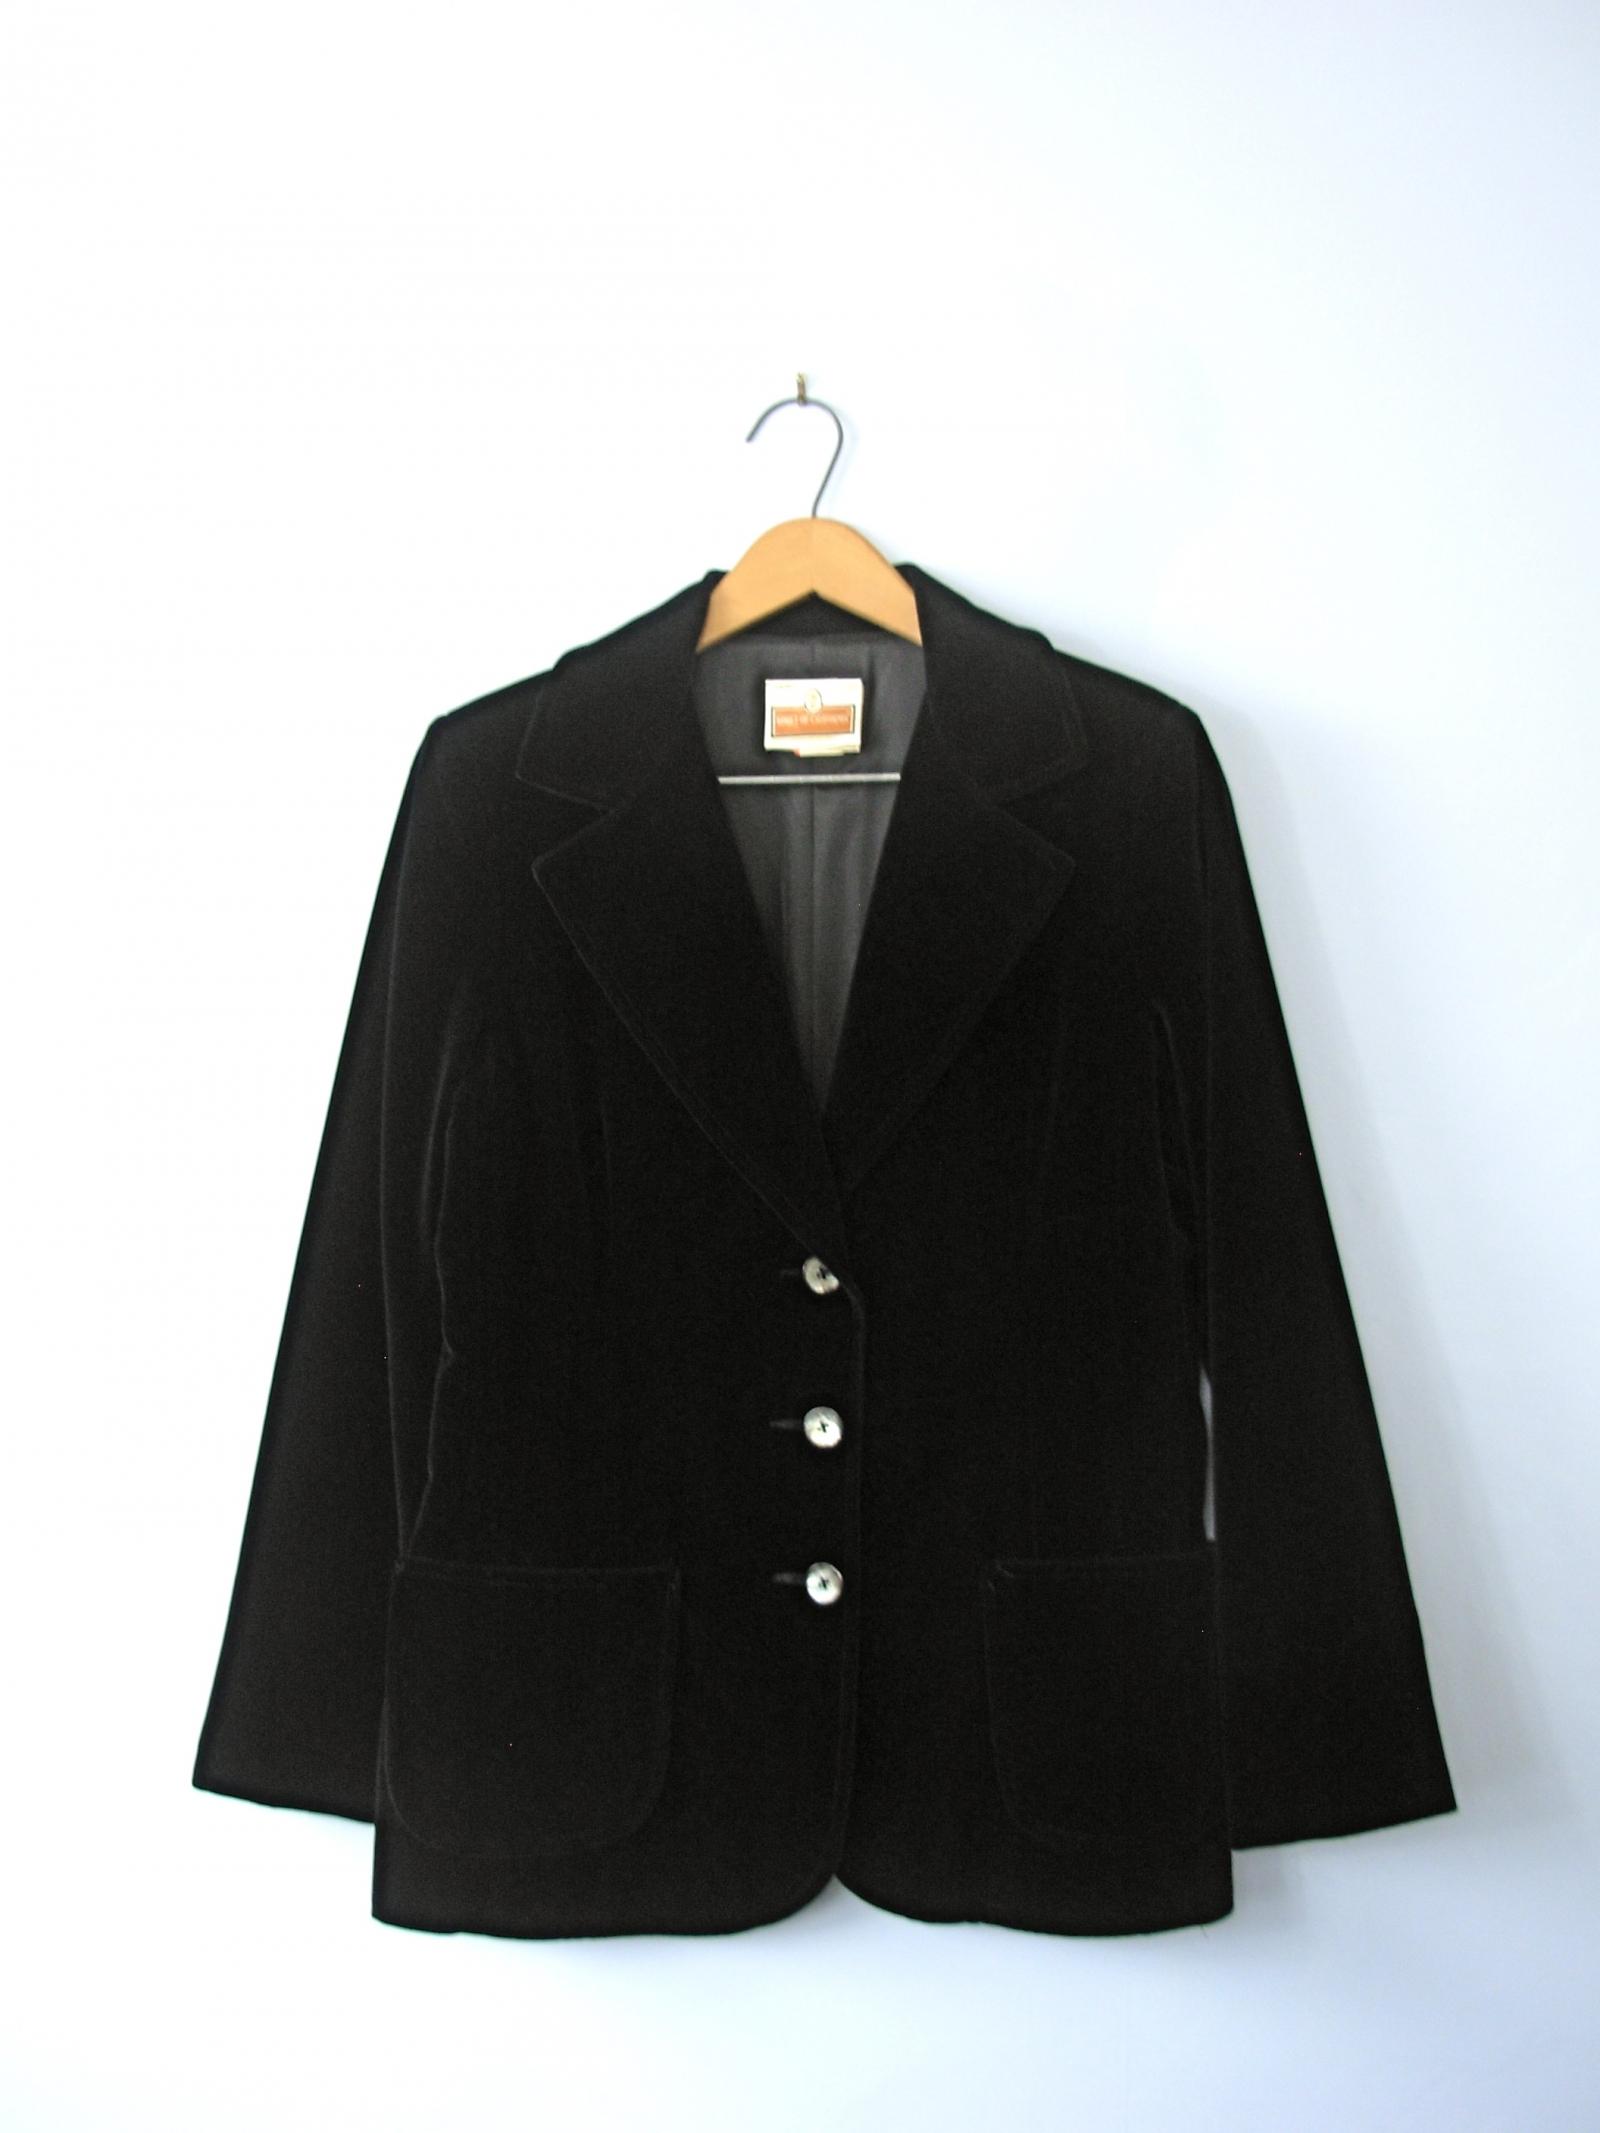 Womens black velvet jacket